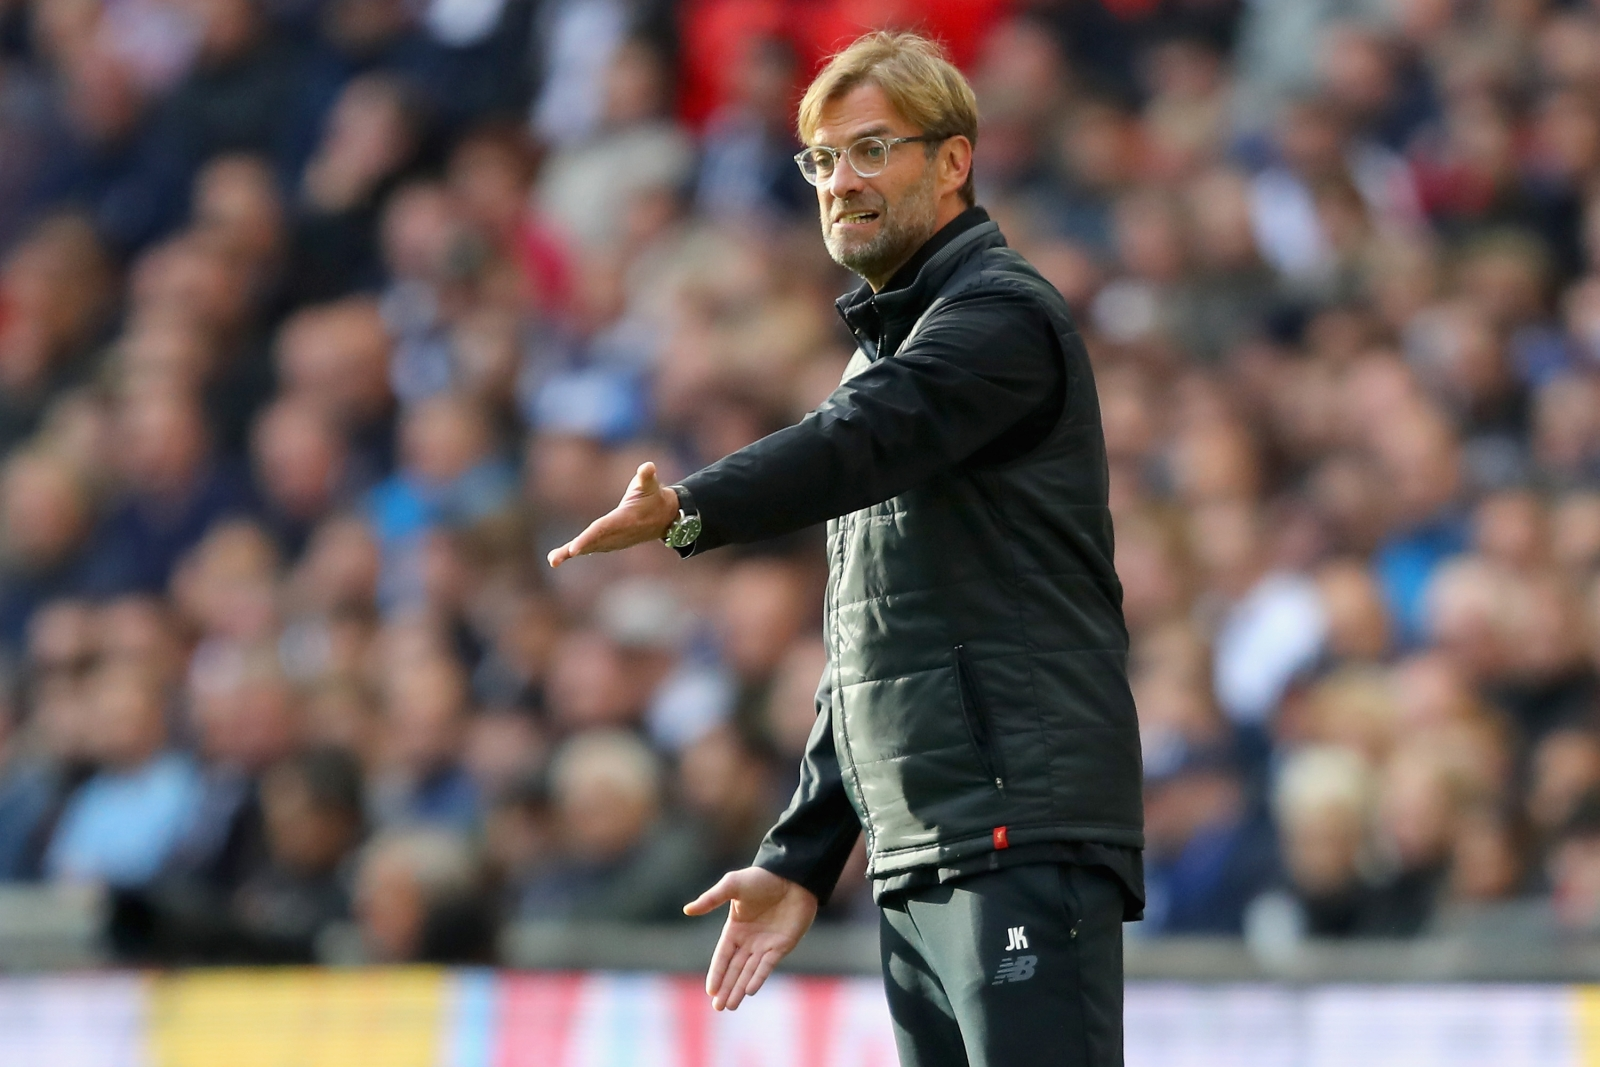 Jurgen Klopp slams Liverpool's defending in horror show at Tottenham Hotspur